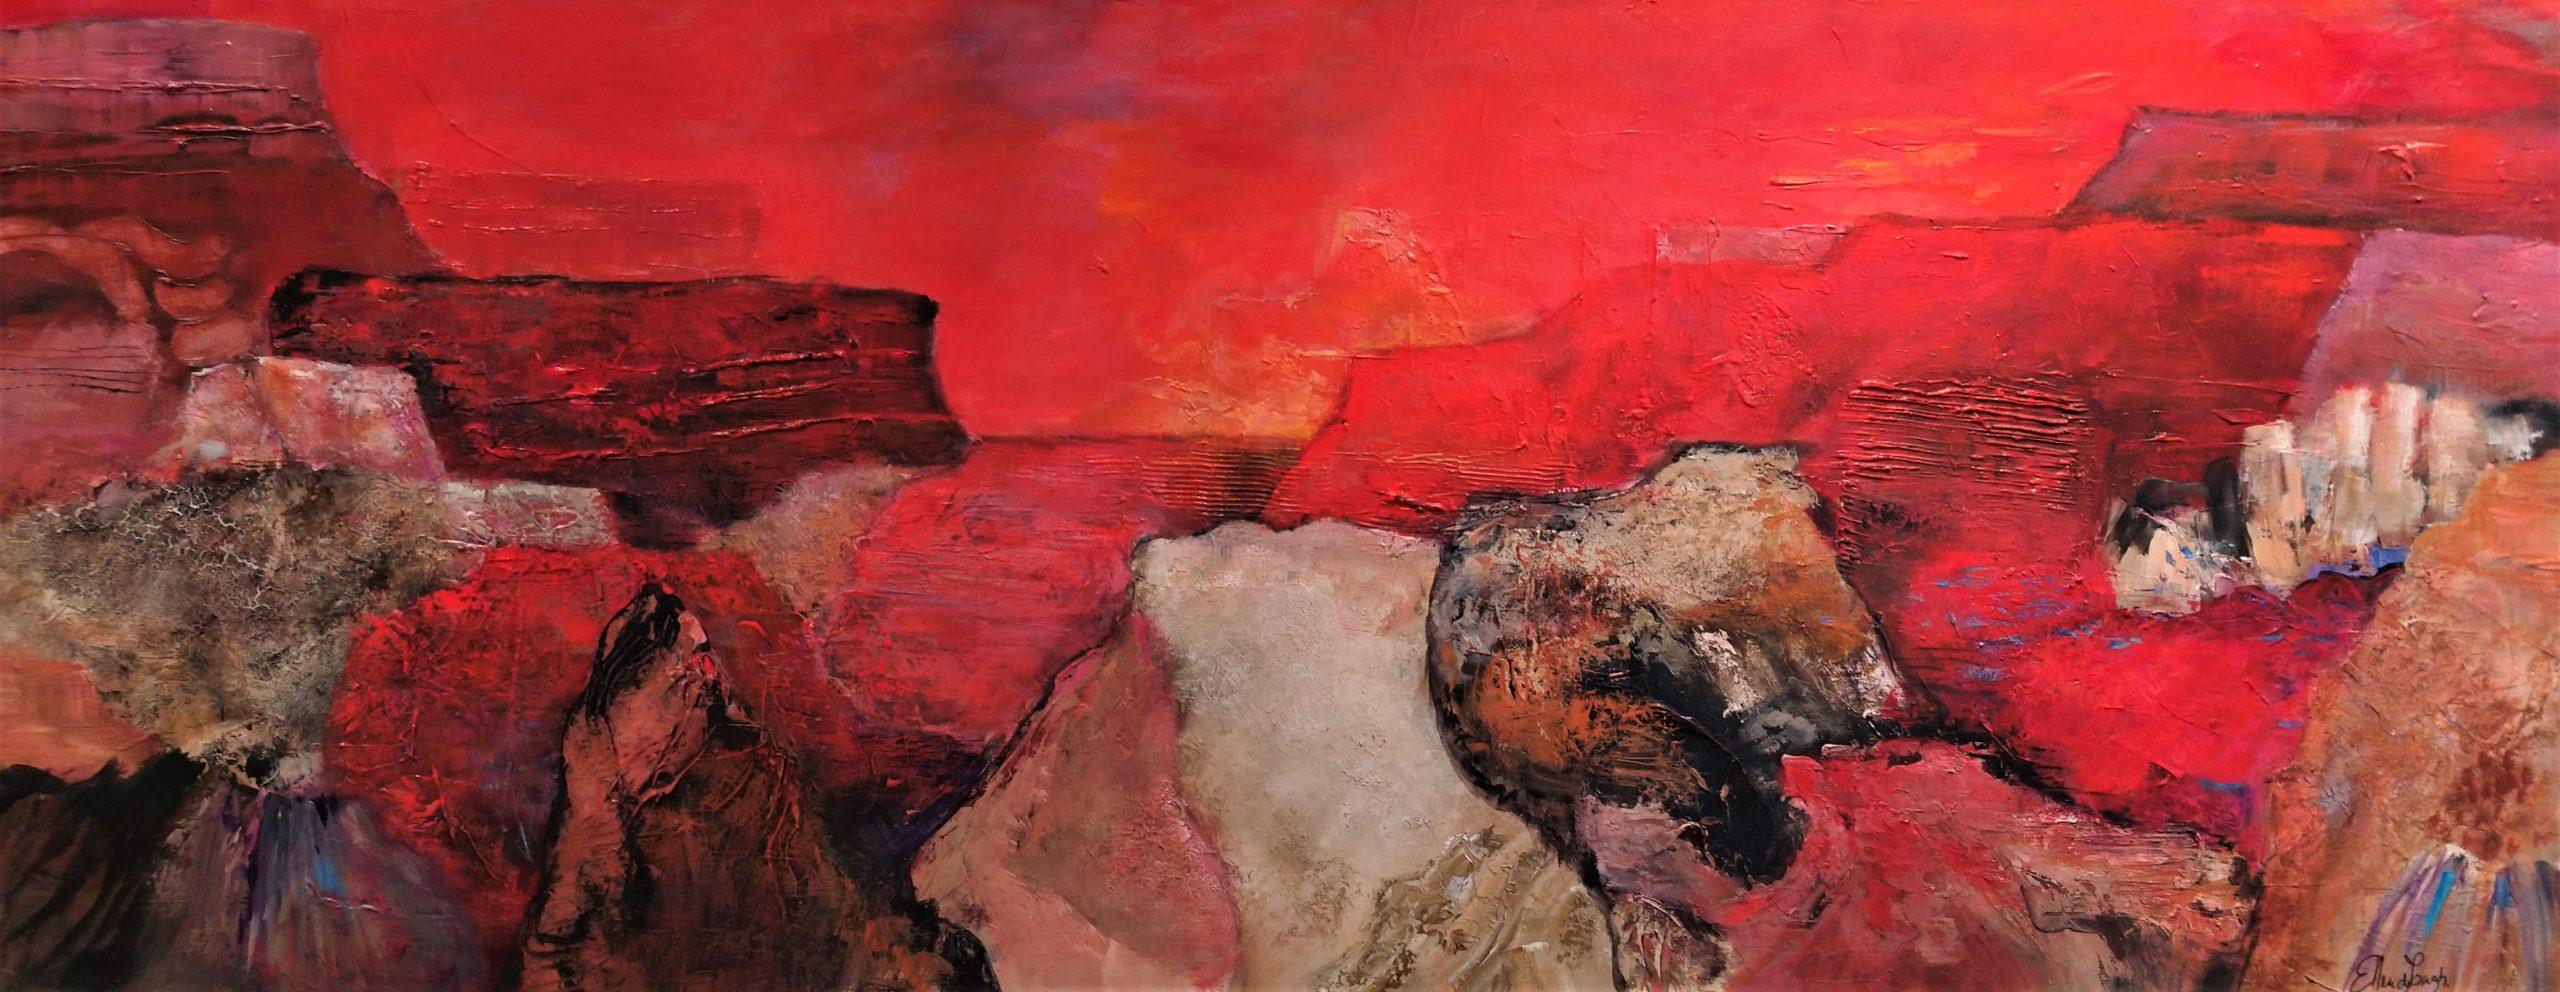 schilderij acrylverf op canvas 70 x 180 cm